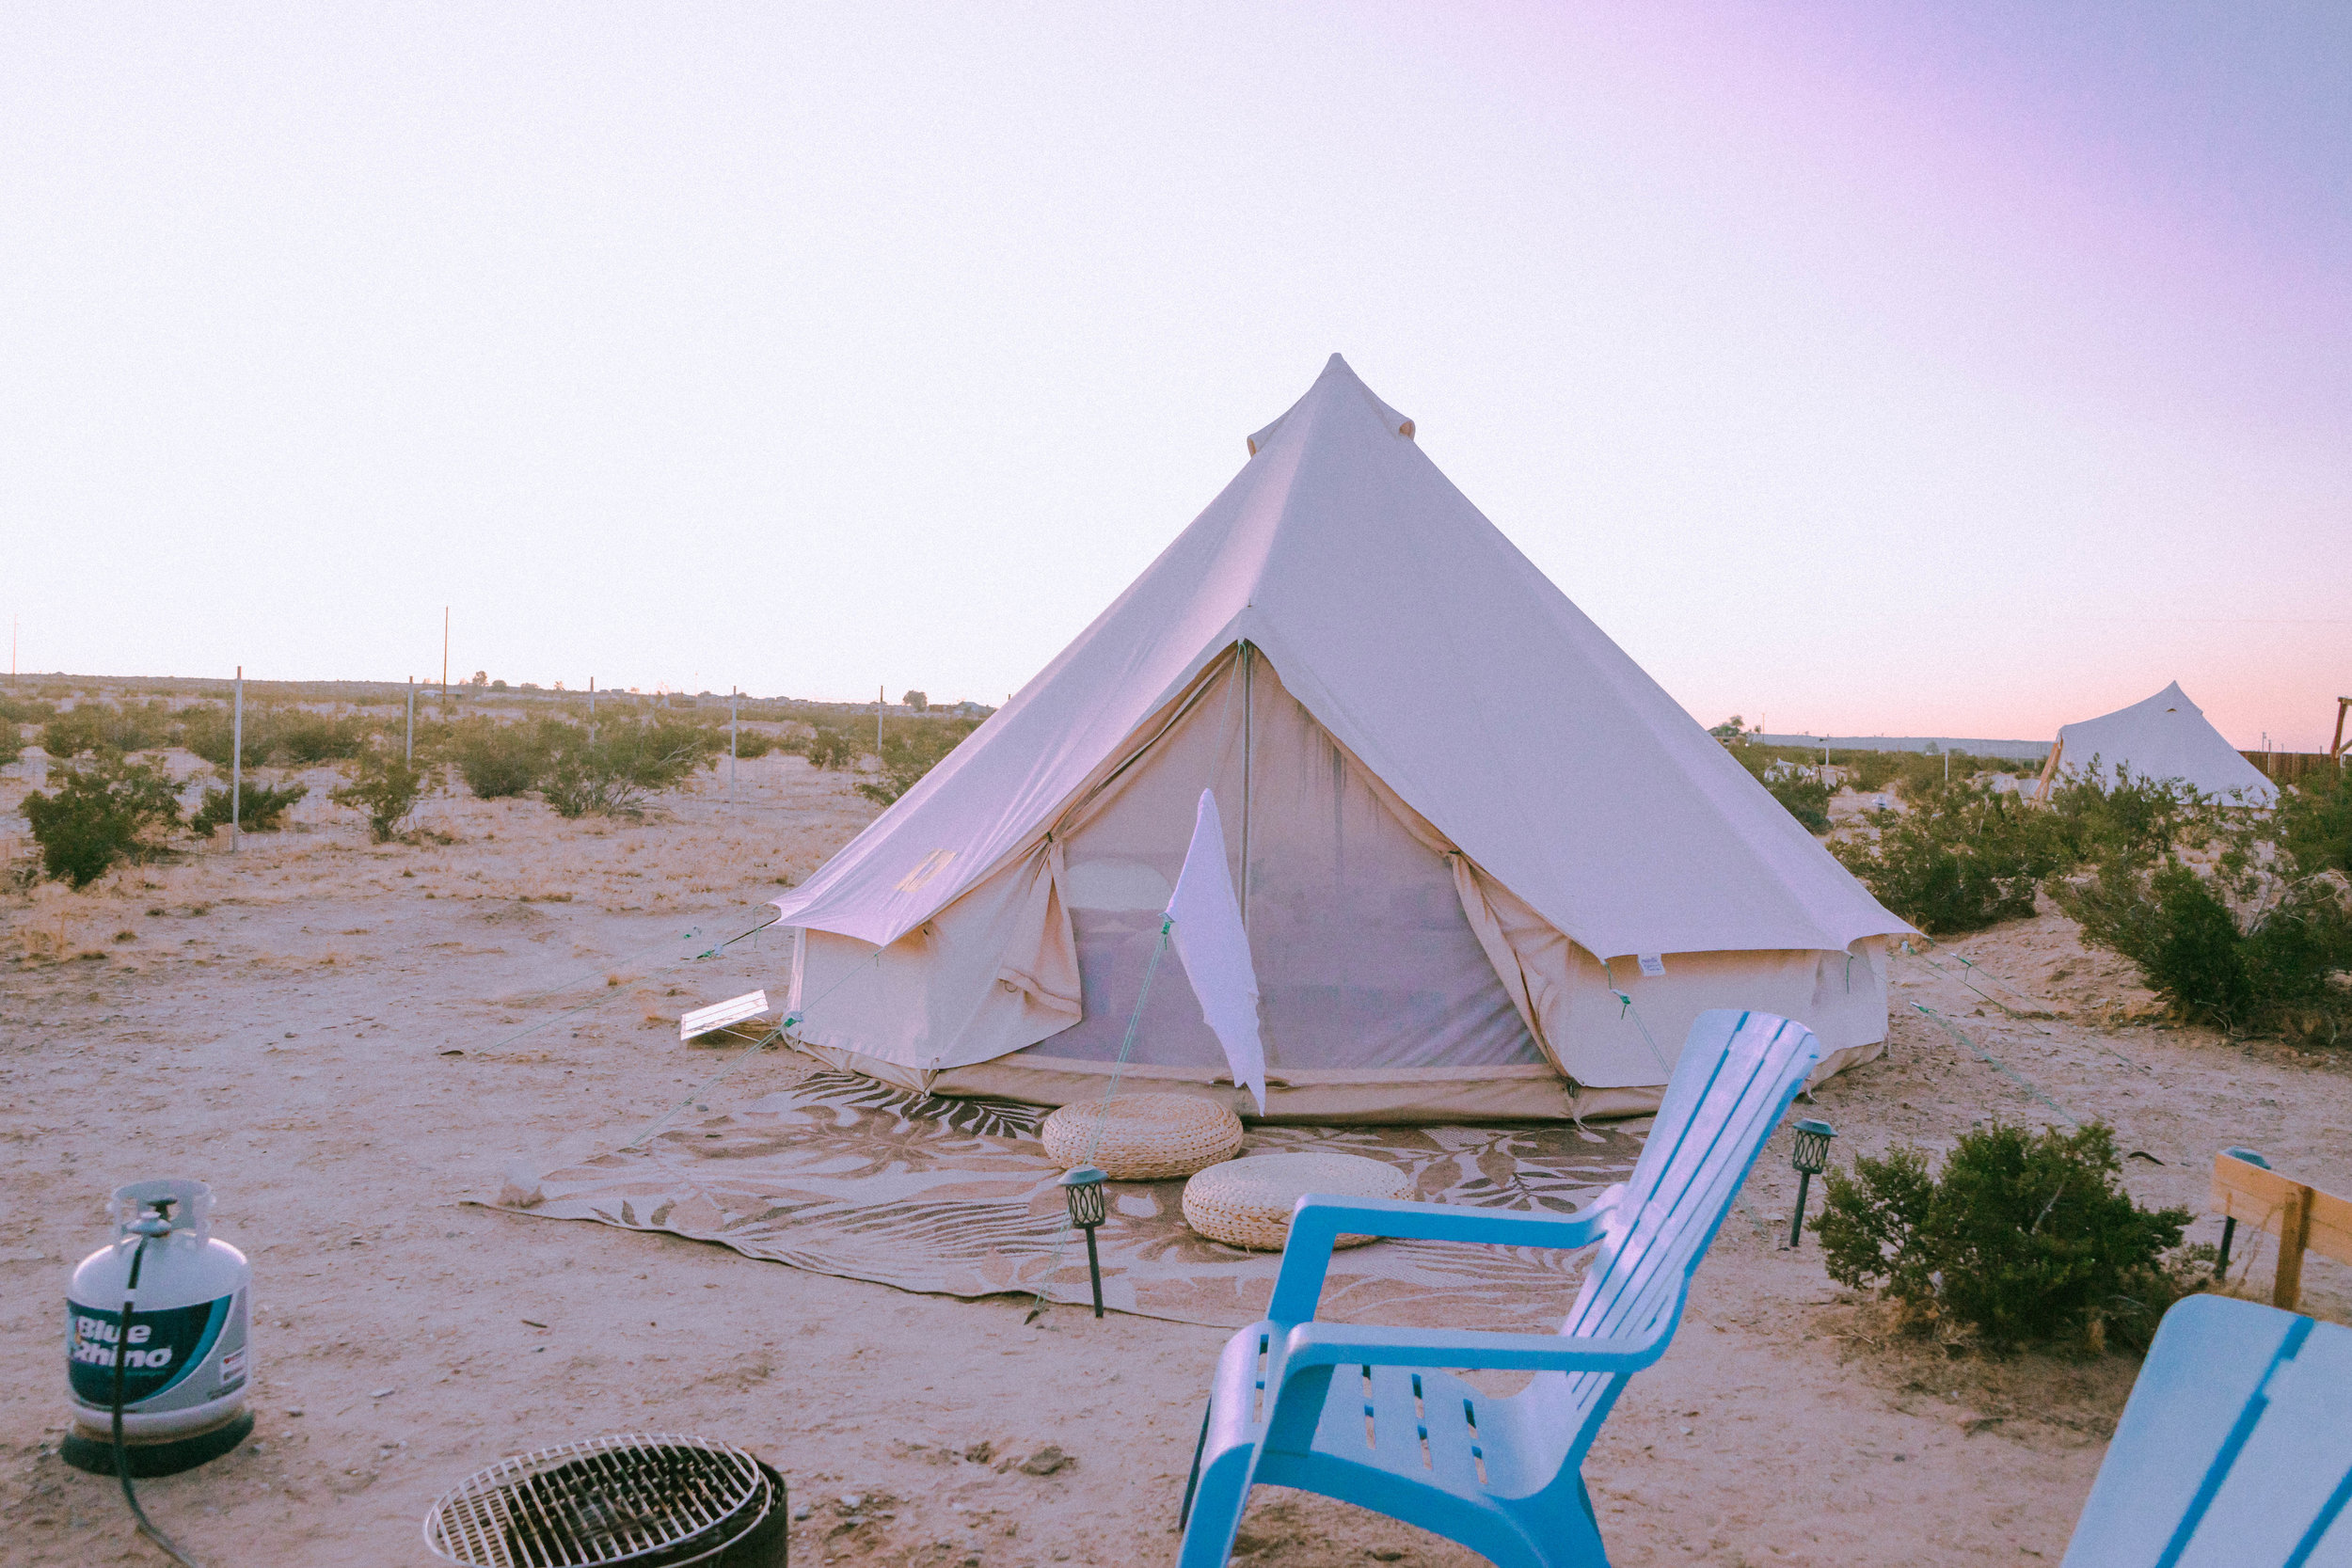 Aquarius tent at Purple Peaks in Twentynine Palms